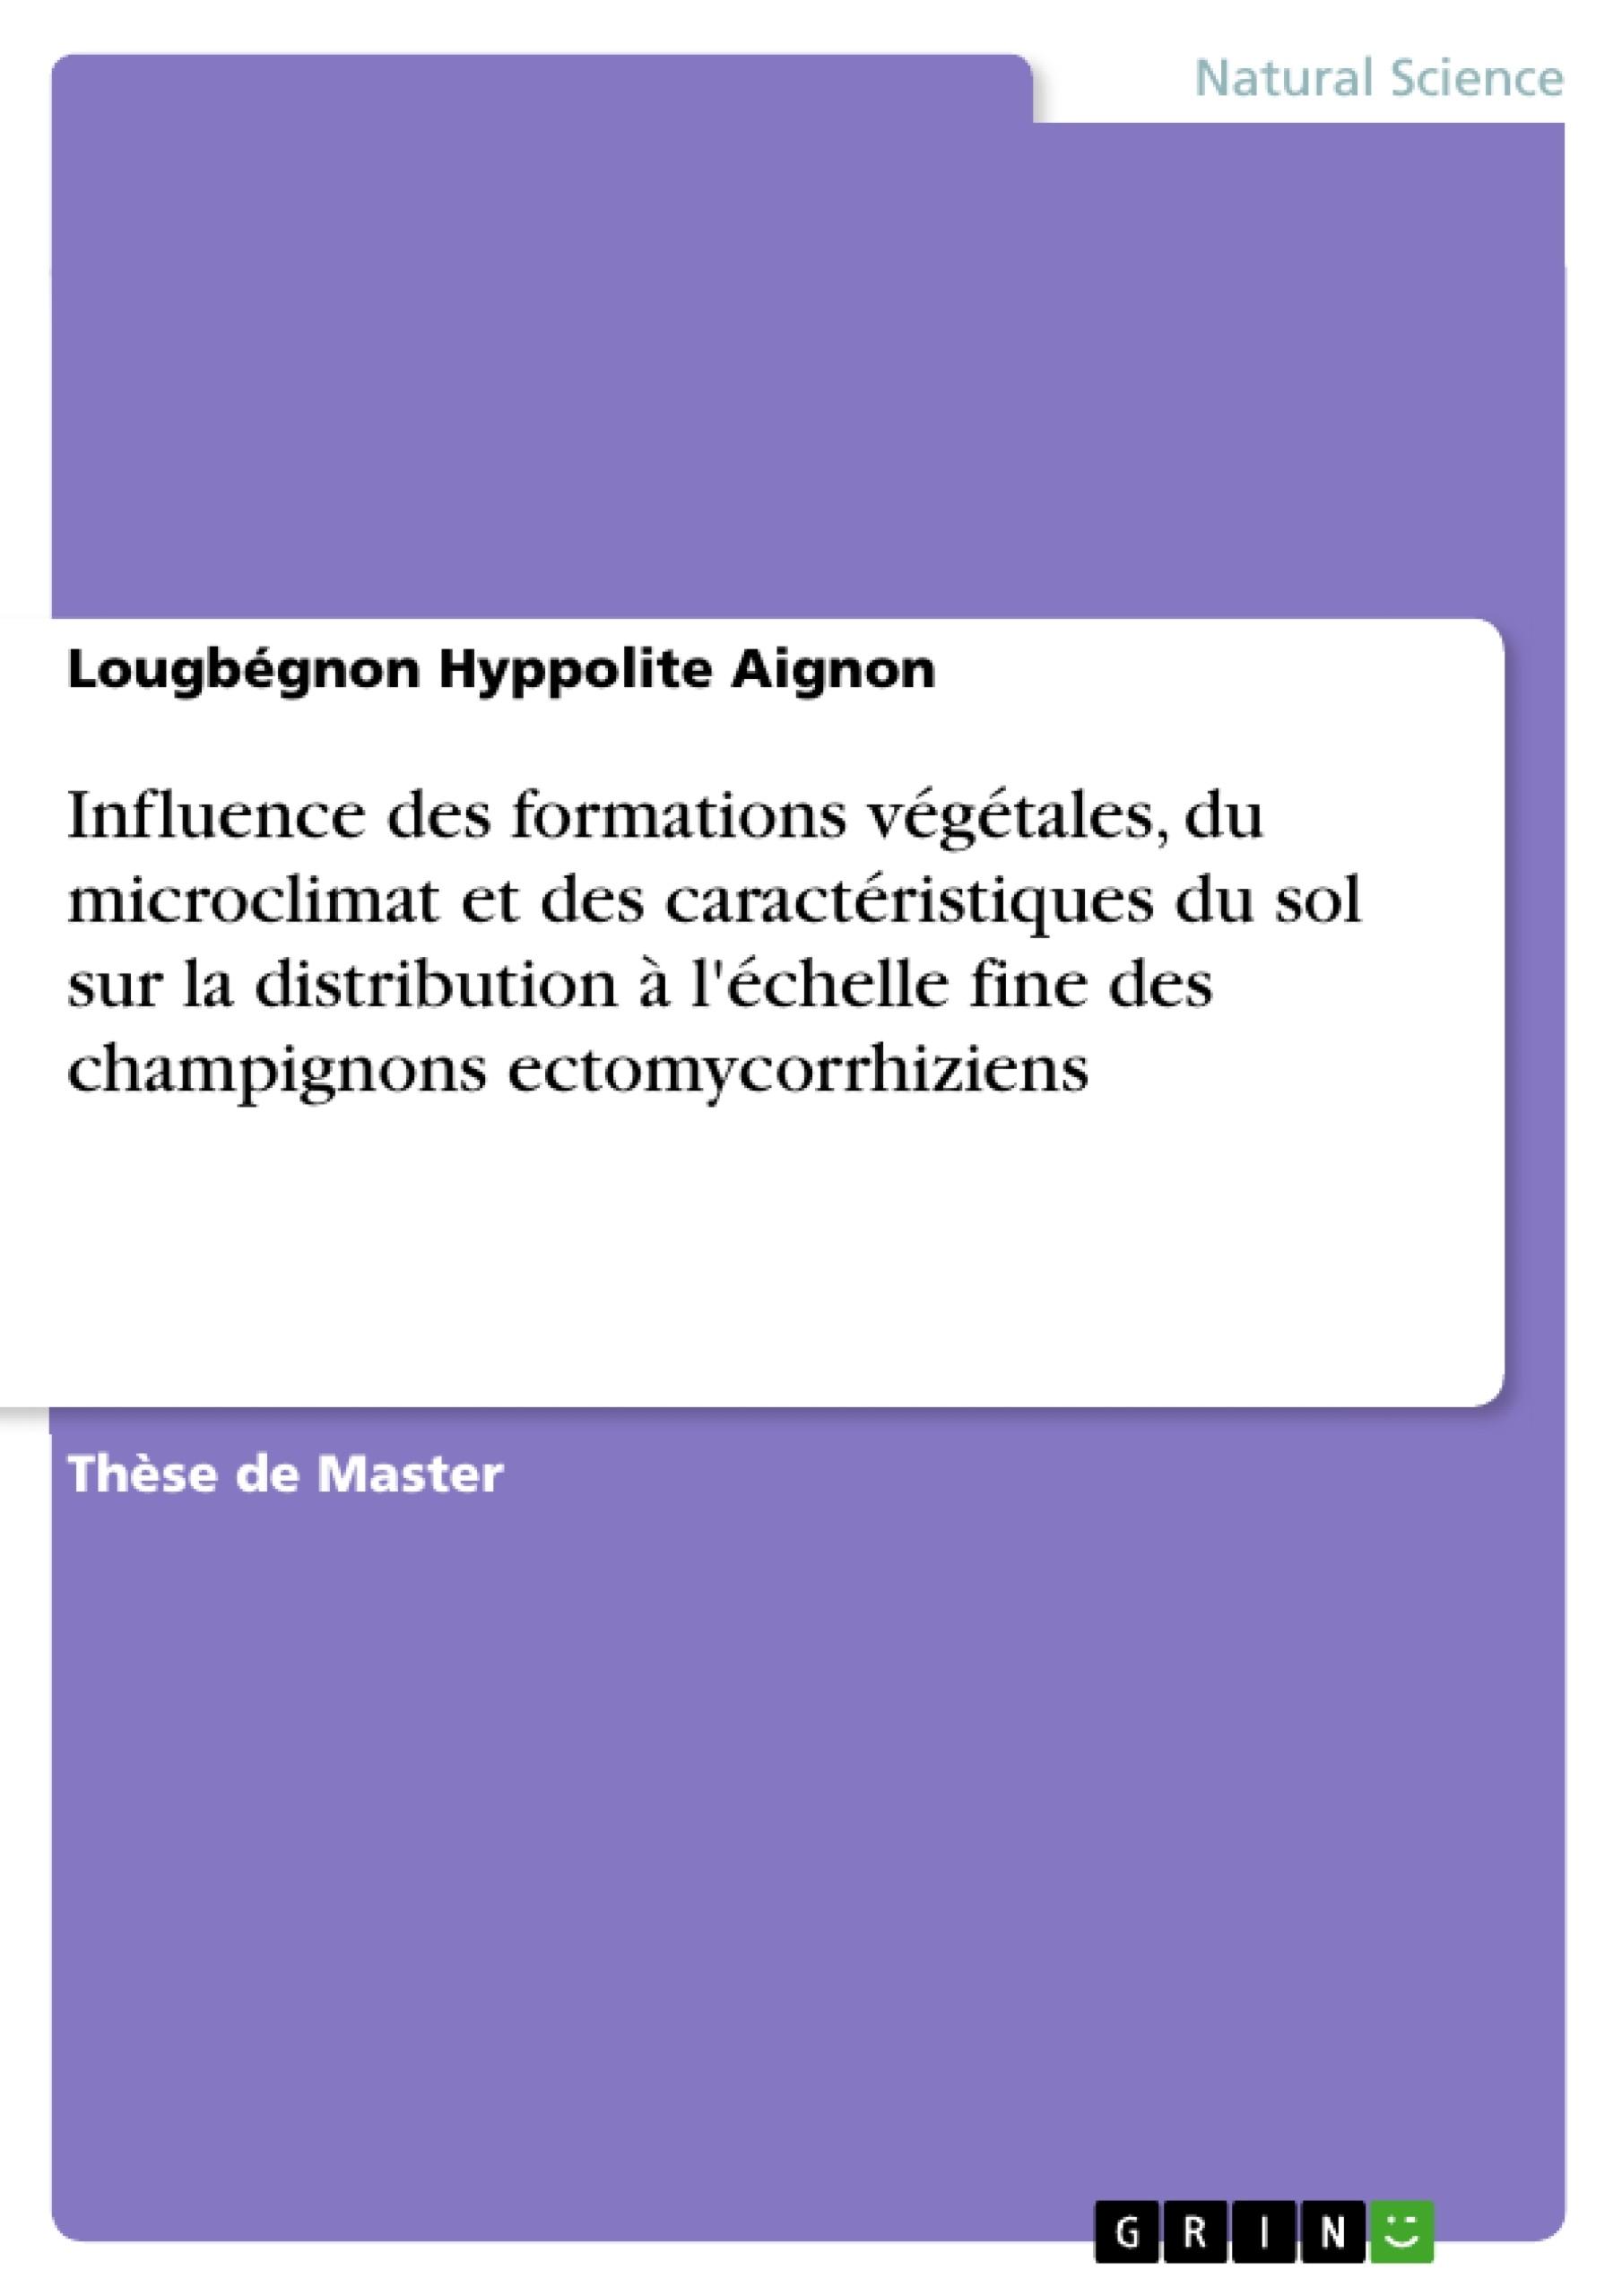 Titre: Influence des formations végétales, du microclimat et des caractéristiques du sol sur la distribution à l'échelle fine des champignons ectomycorrhiziens